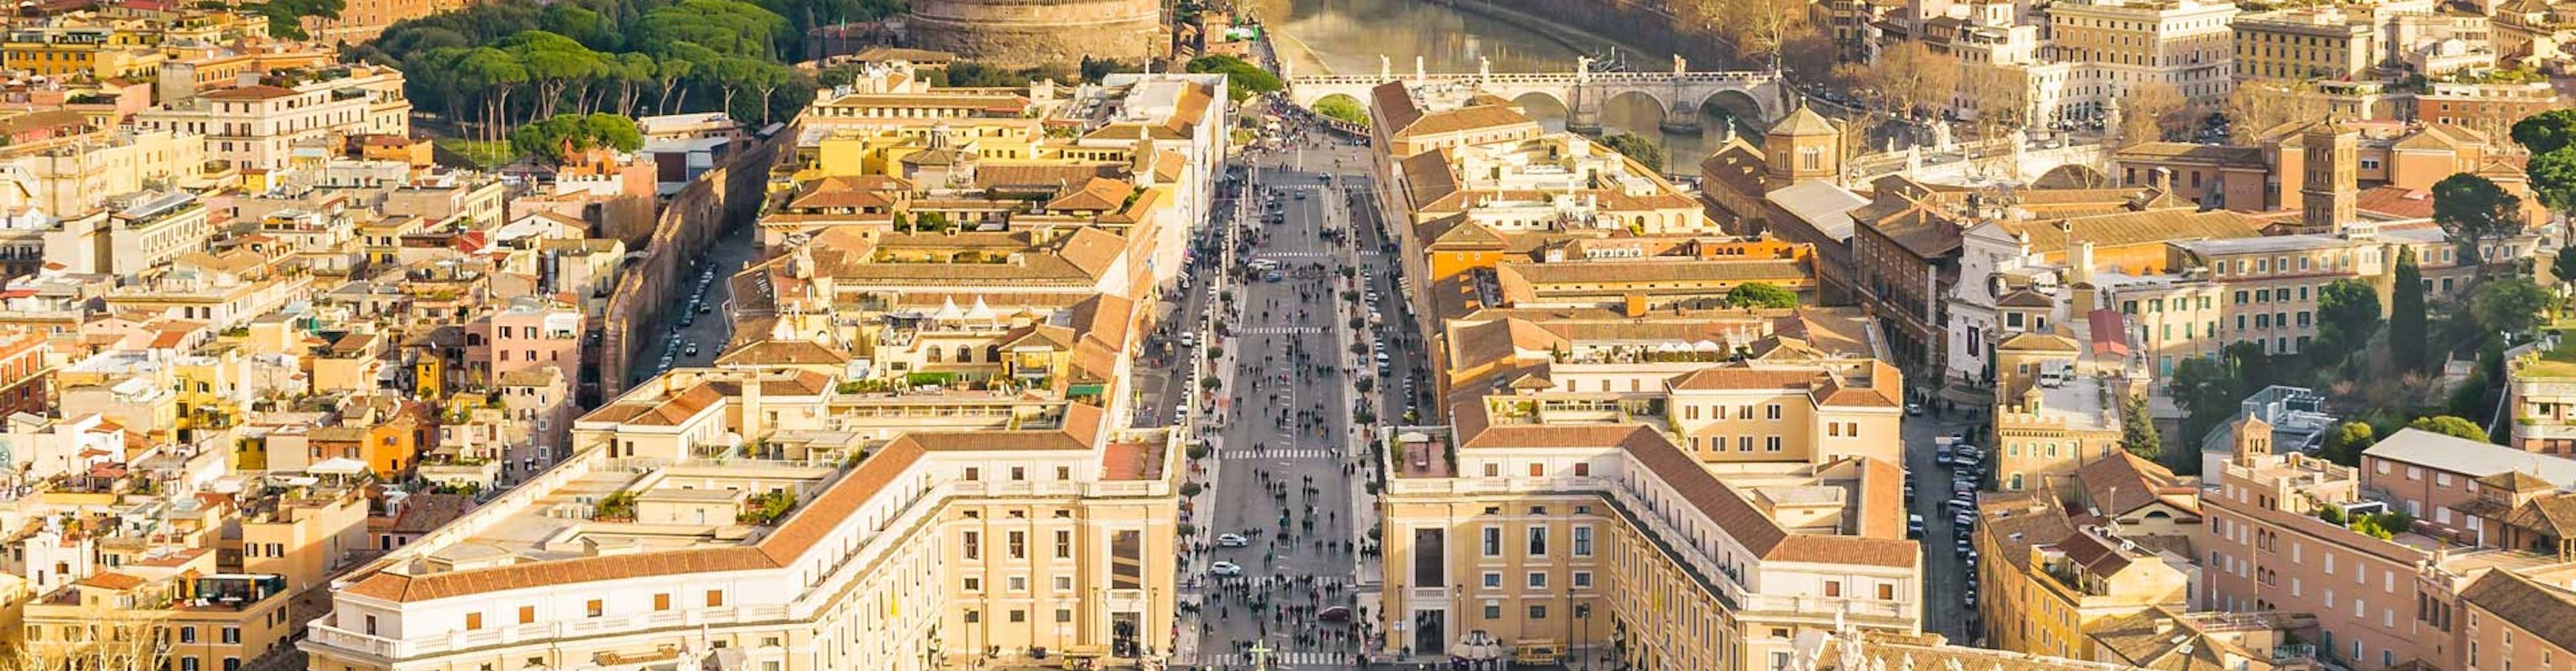 Visita guiada a Museos Vaticanos, Capilla Sixtina y Basílica de San Pedro